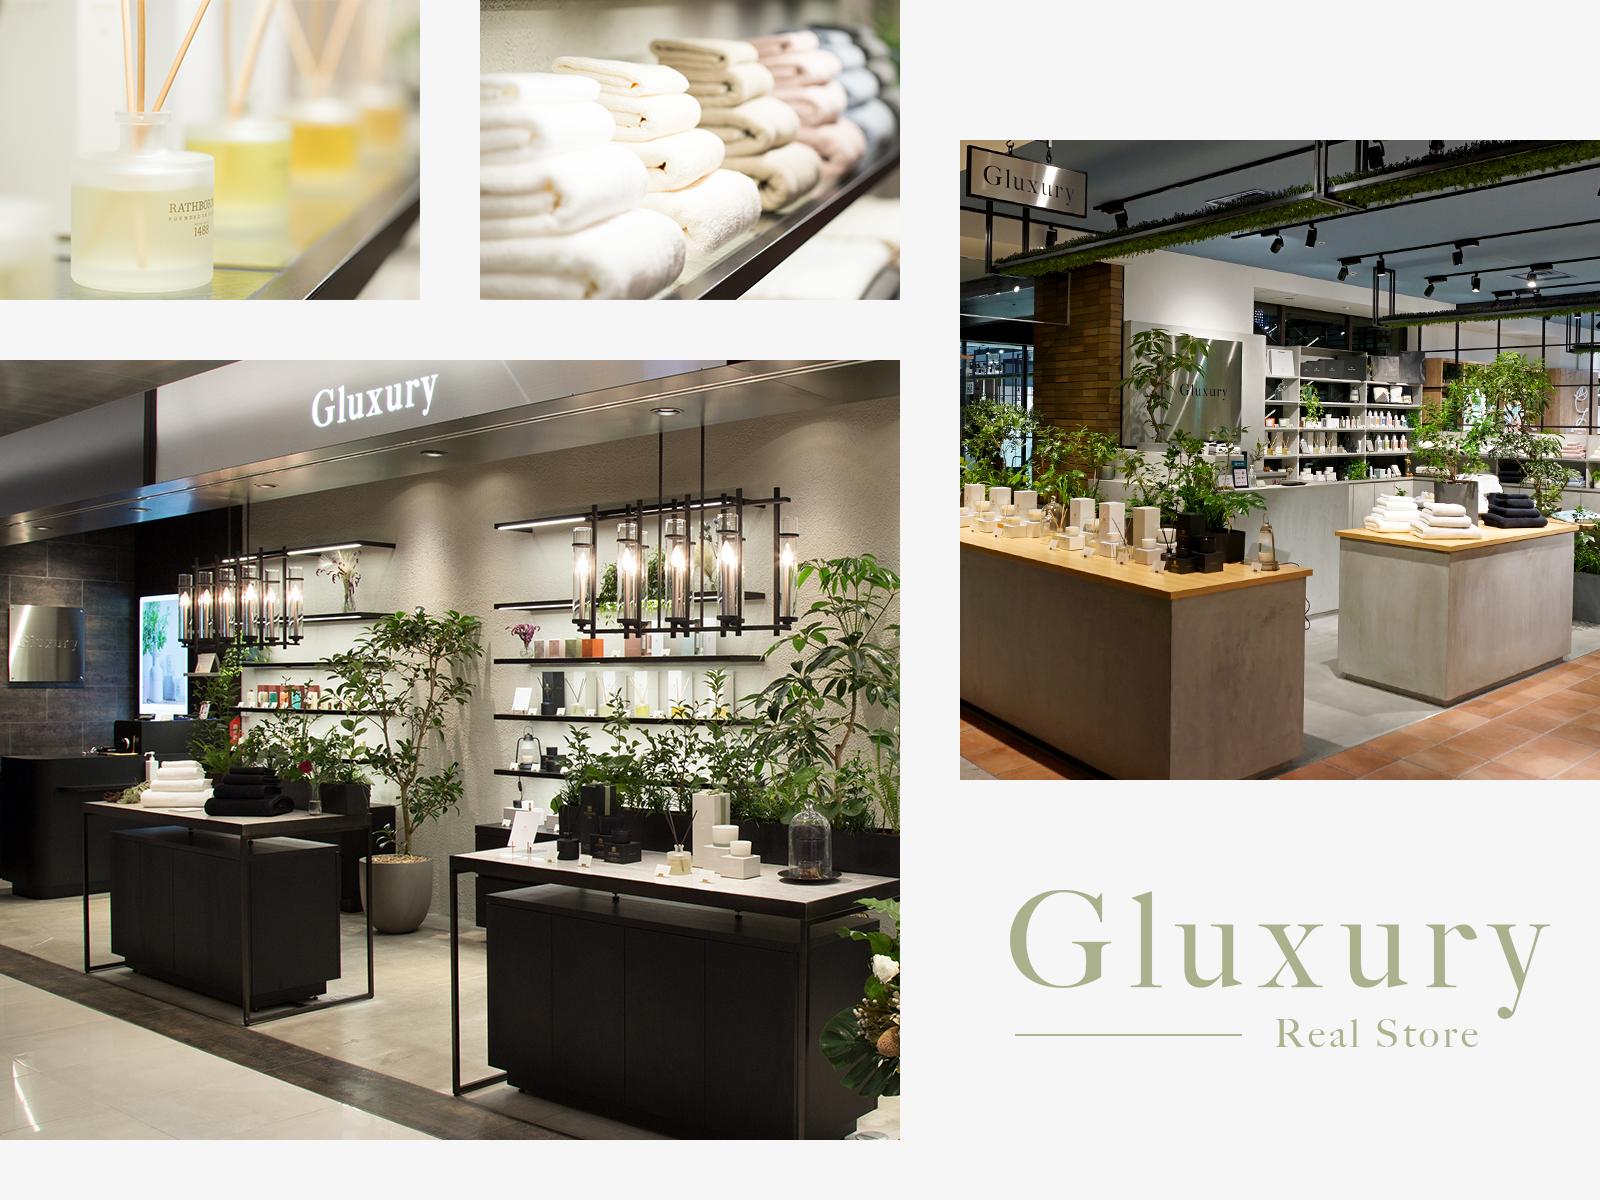 Gluxury(グラジュリー)実店舗のご紹介